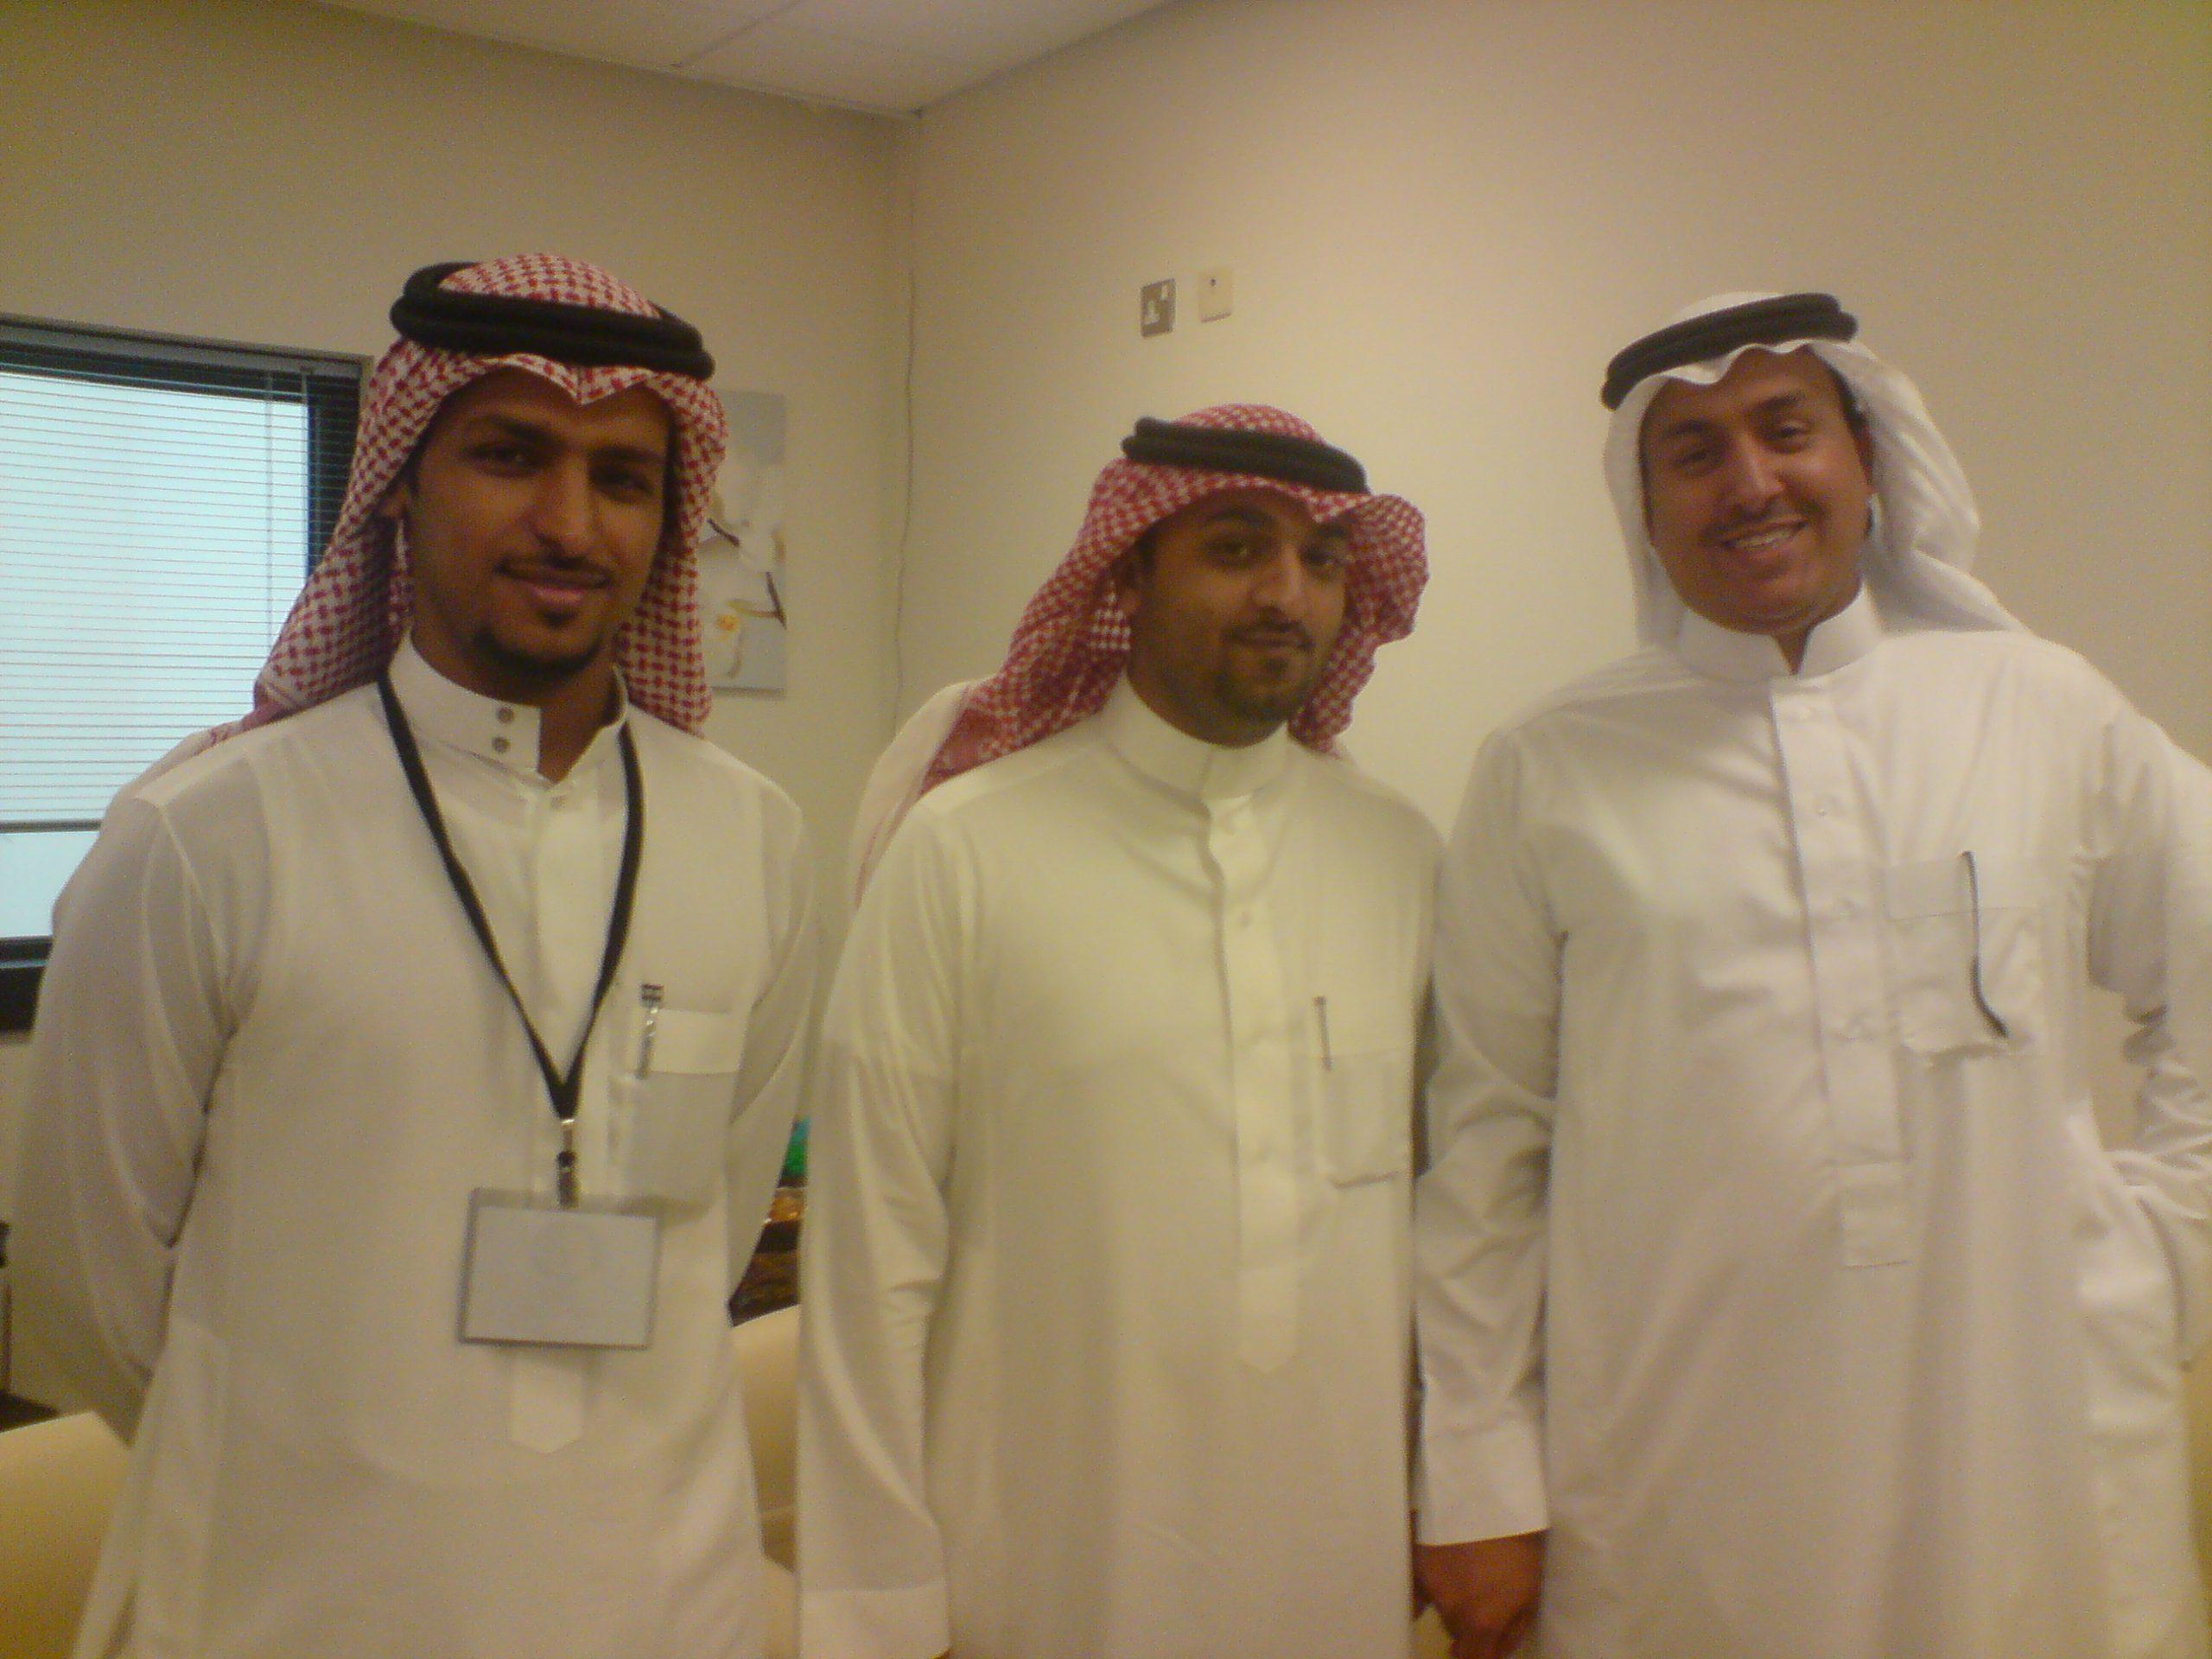 مع الأخوين عبدالرحمن الخراشي 1وتركي السعد